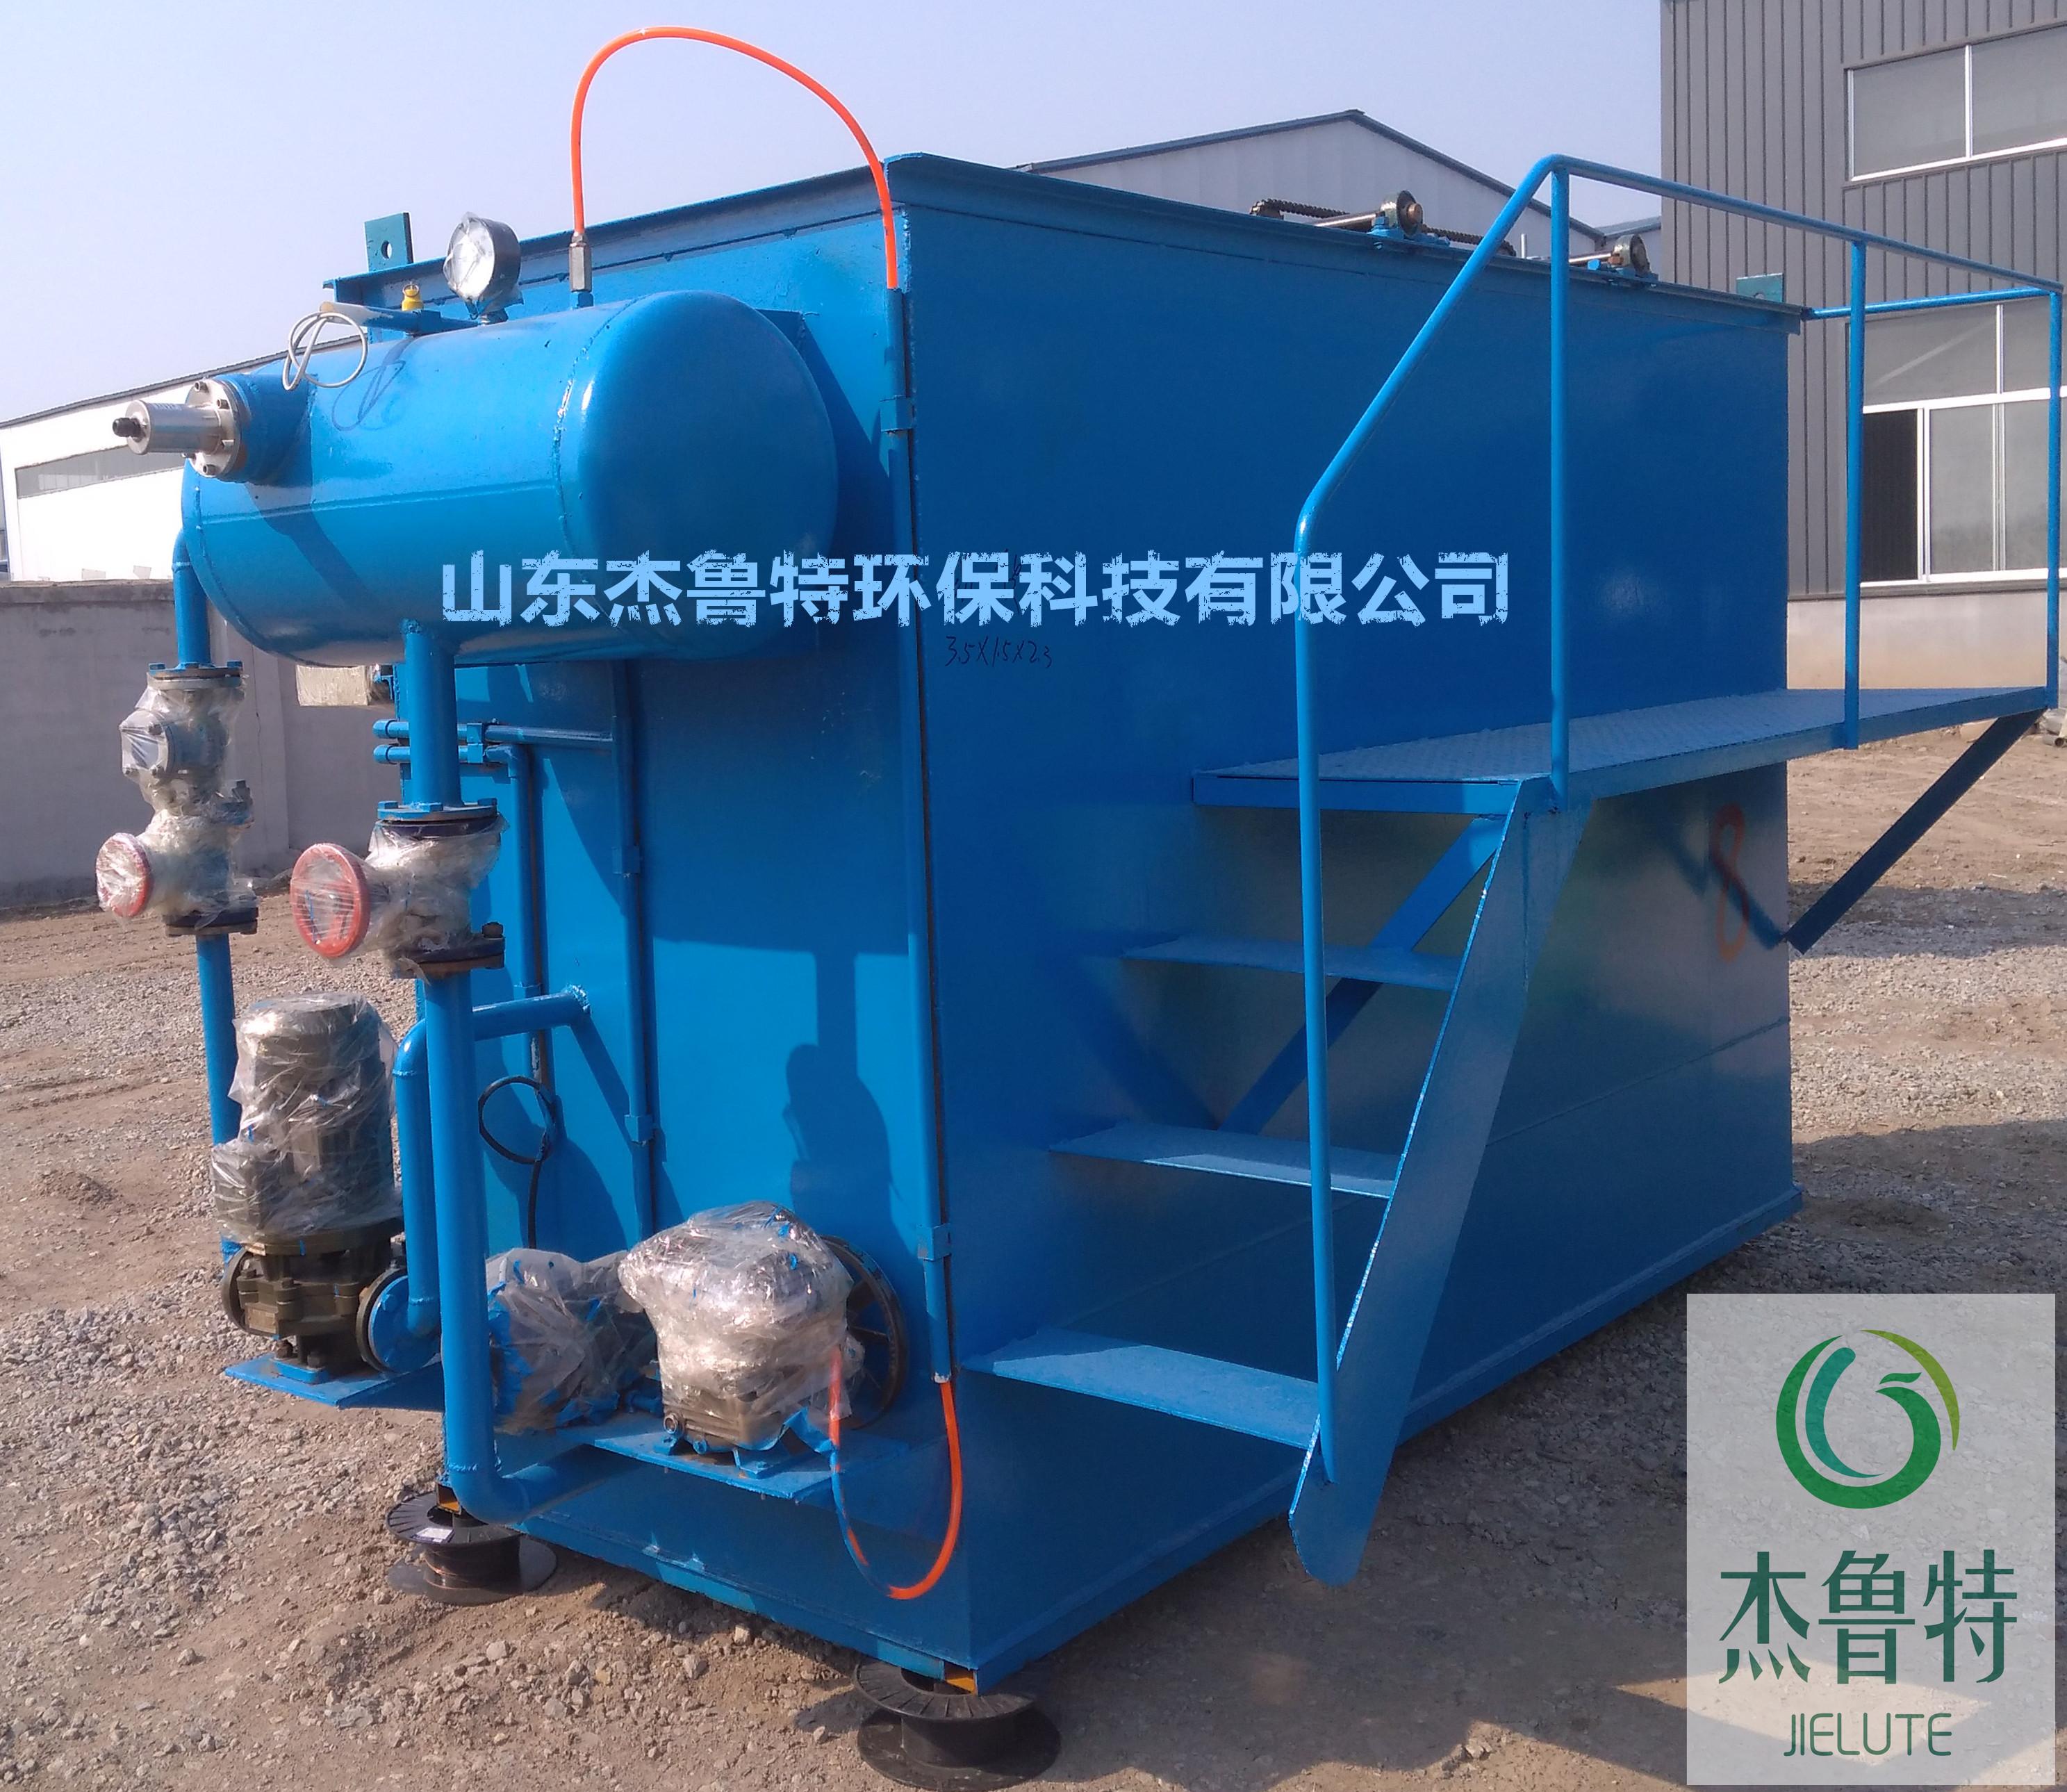 生猪屠宰场废水一体化处理设备